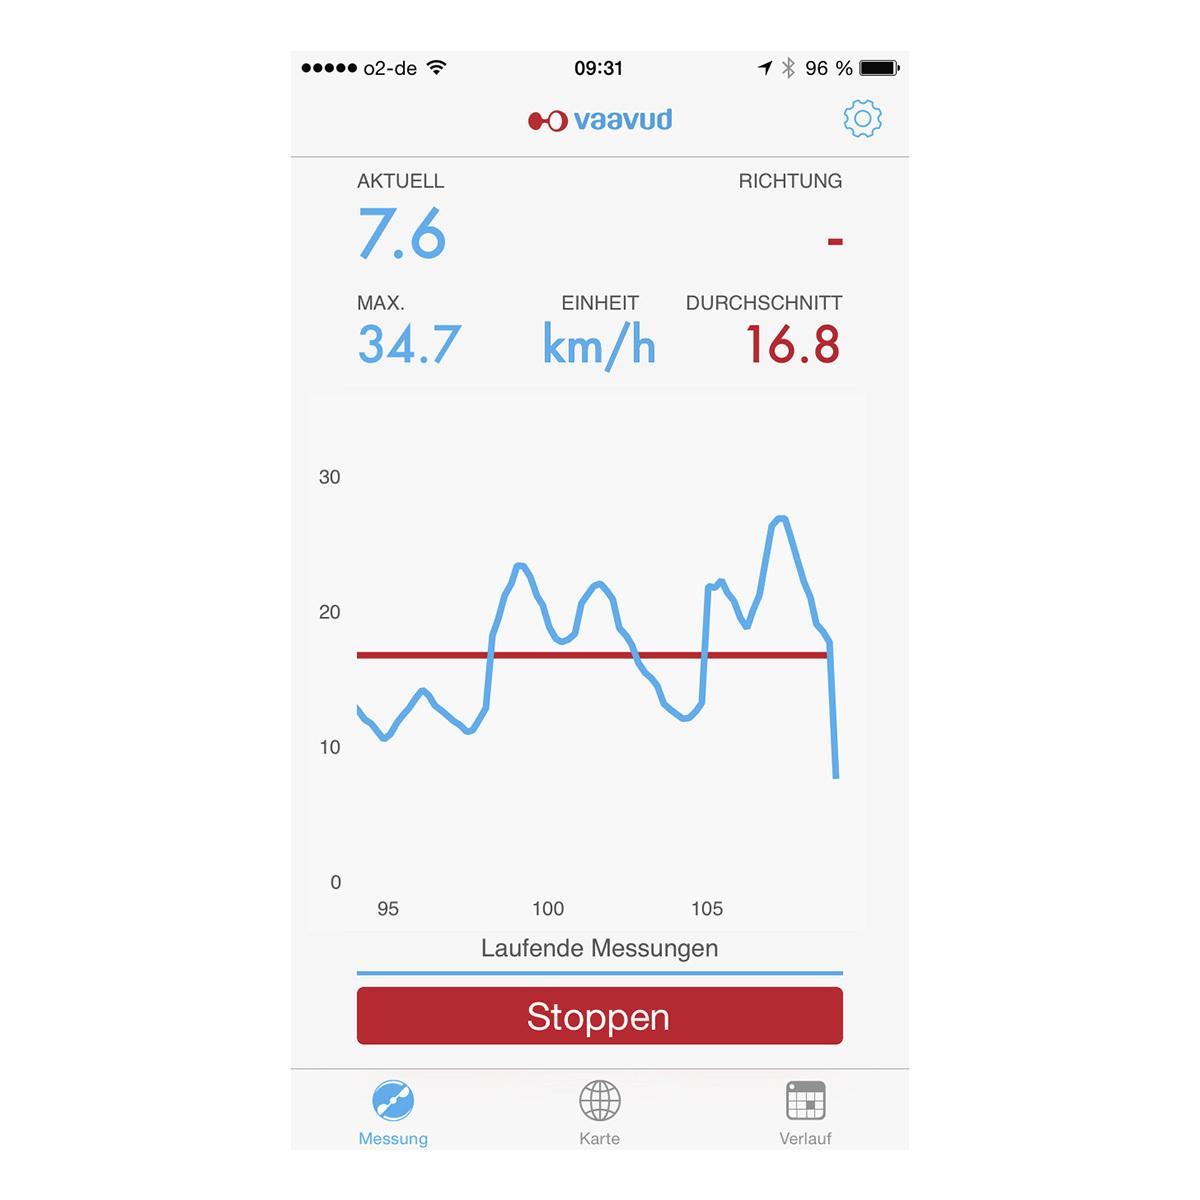 42-6002-05-windmesser-für-smartphones-vaavud-app-anwendung1-1200x1200px.jpg